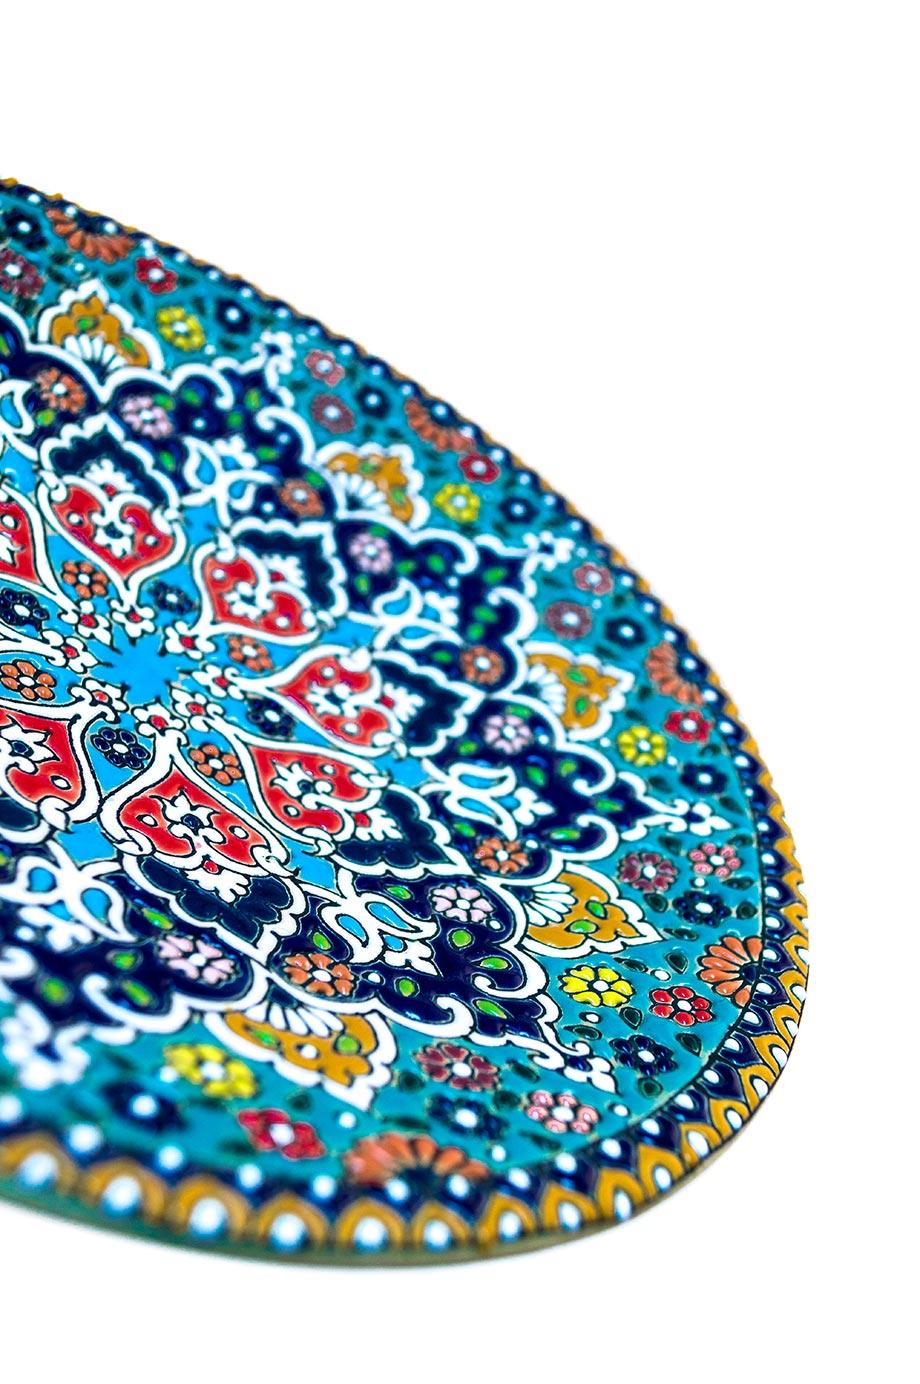 Assiette avec motif de dentelle en relief 20 cm